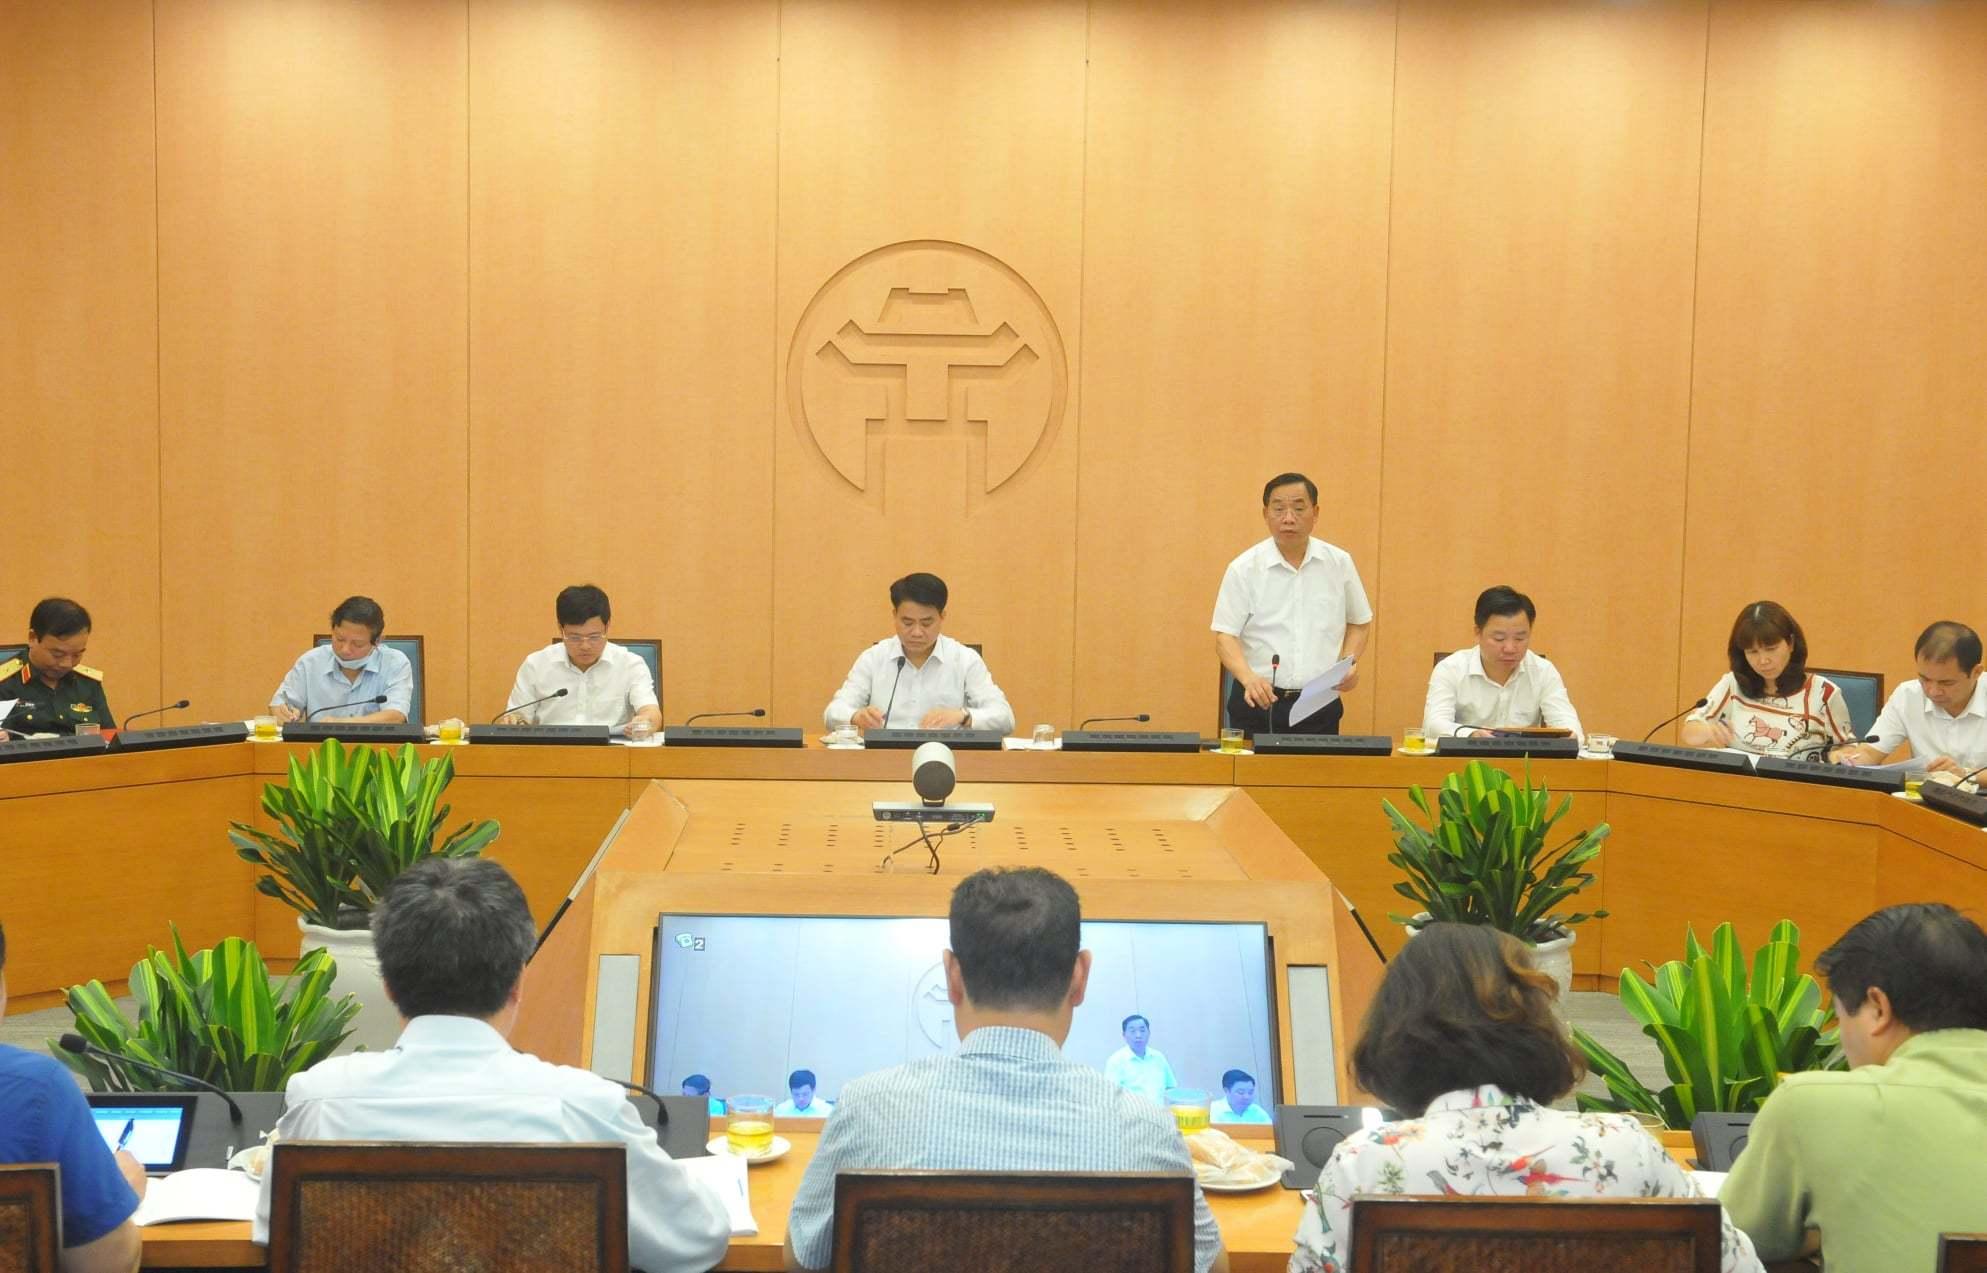 Nguy cơ cao từ chuyến bay Đà Nẵng - Hà Nội VN7198 có 6 người nhiễm Covid-19